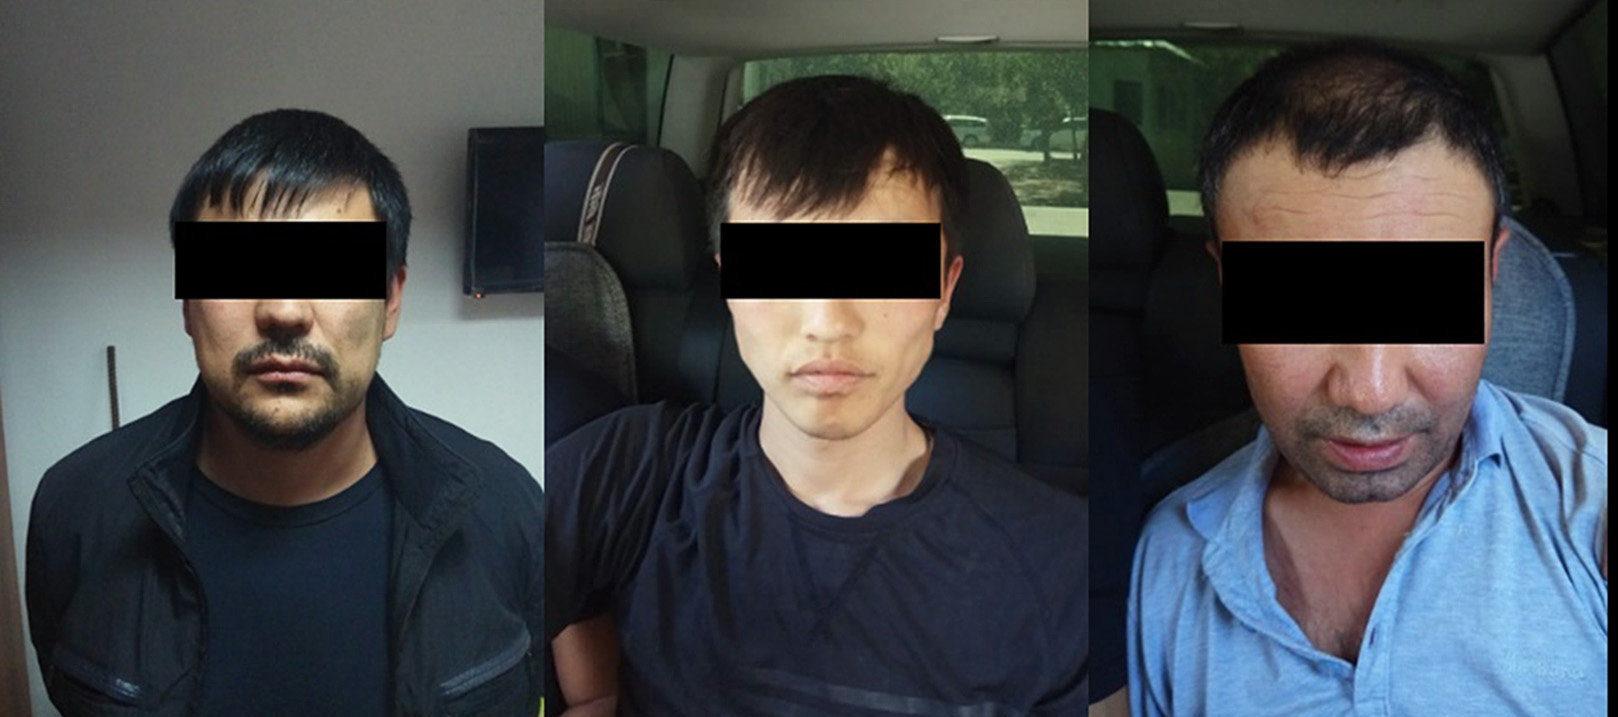 Подозреваемые в приготовлении к разбойному нападению на дом жителя жилмассива Кок-Жар